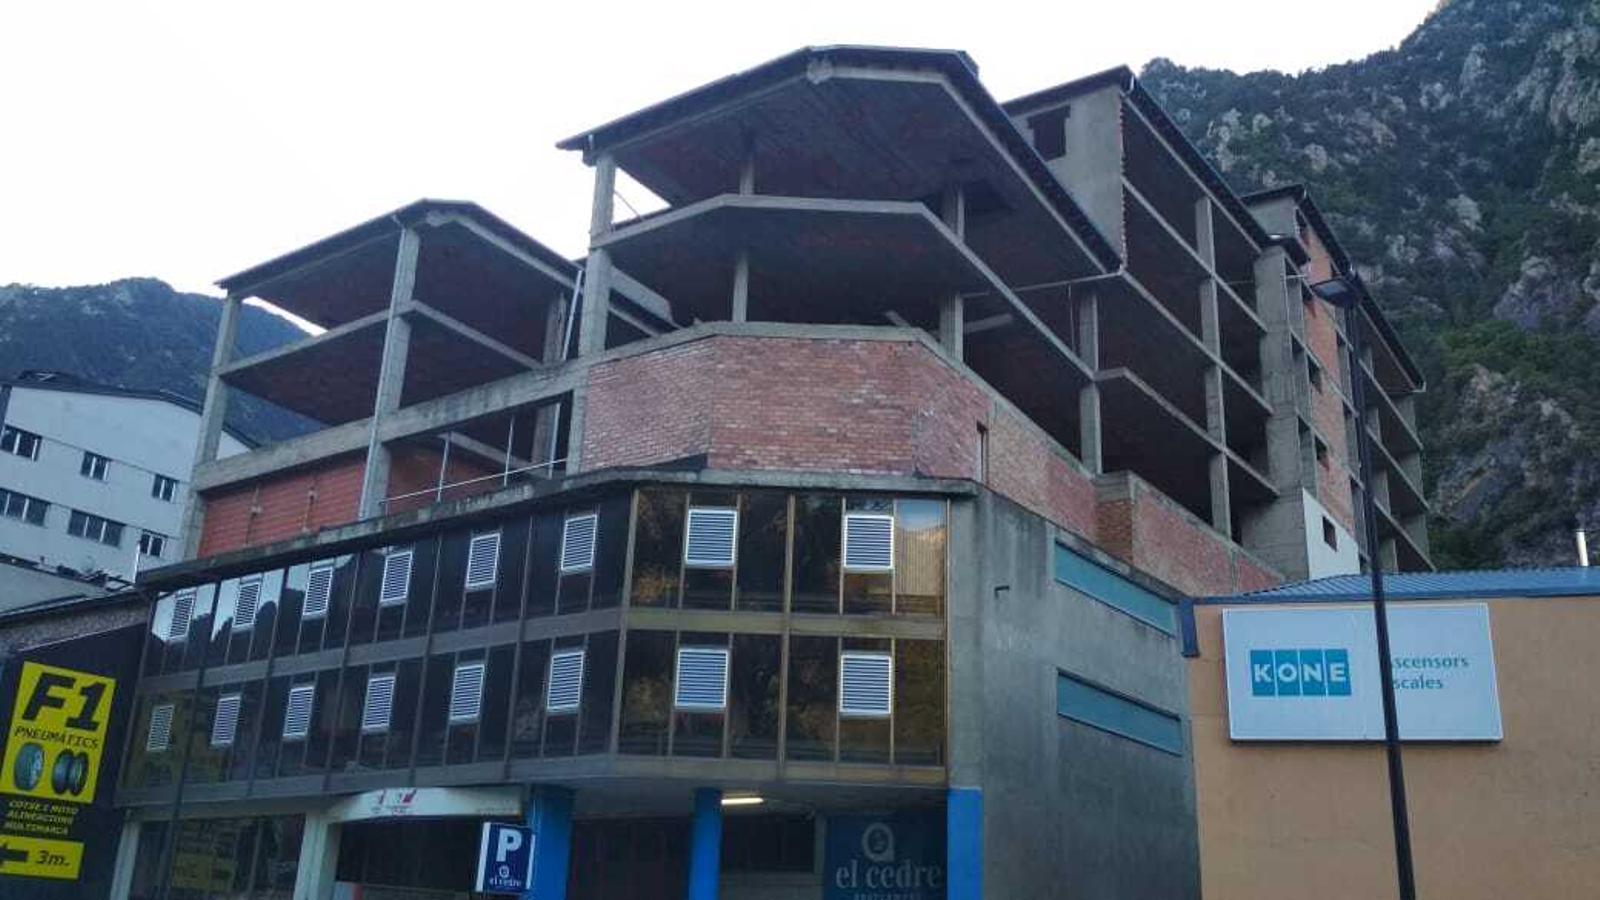 Un edifici inacabat ubicat a la recta de Santa Coloma. / E. C.